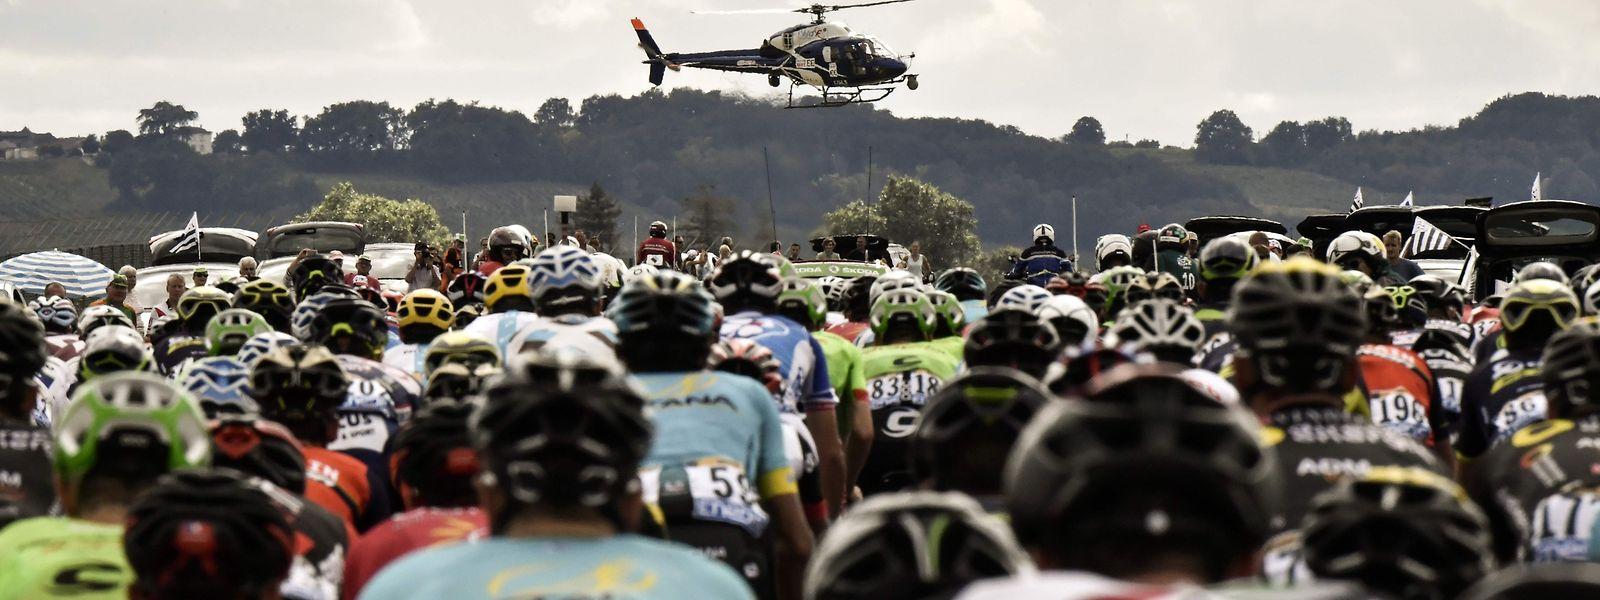 Bei der SkodaTour wird erstmals ein Helikopter für die TV-Übertragung eingesetzt.